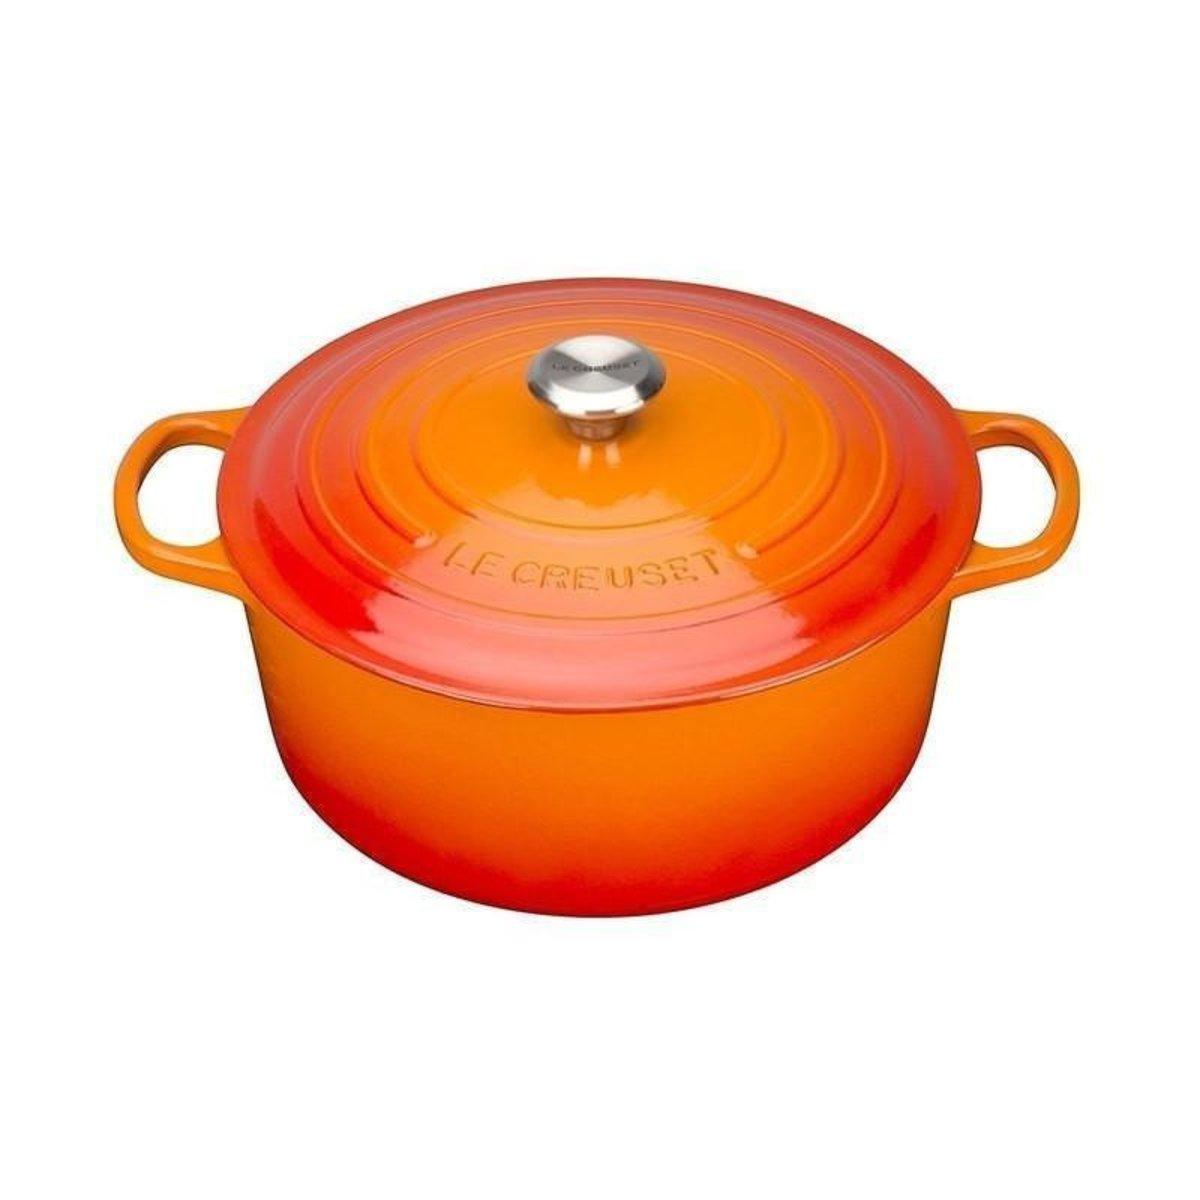 鑄鐵鍋 橙 Volcanic - 18cm